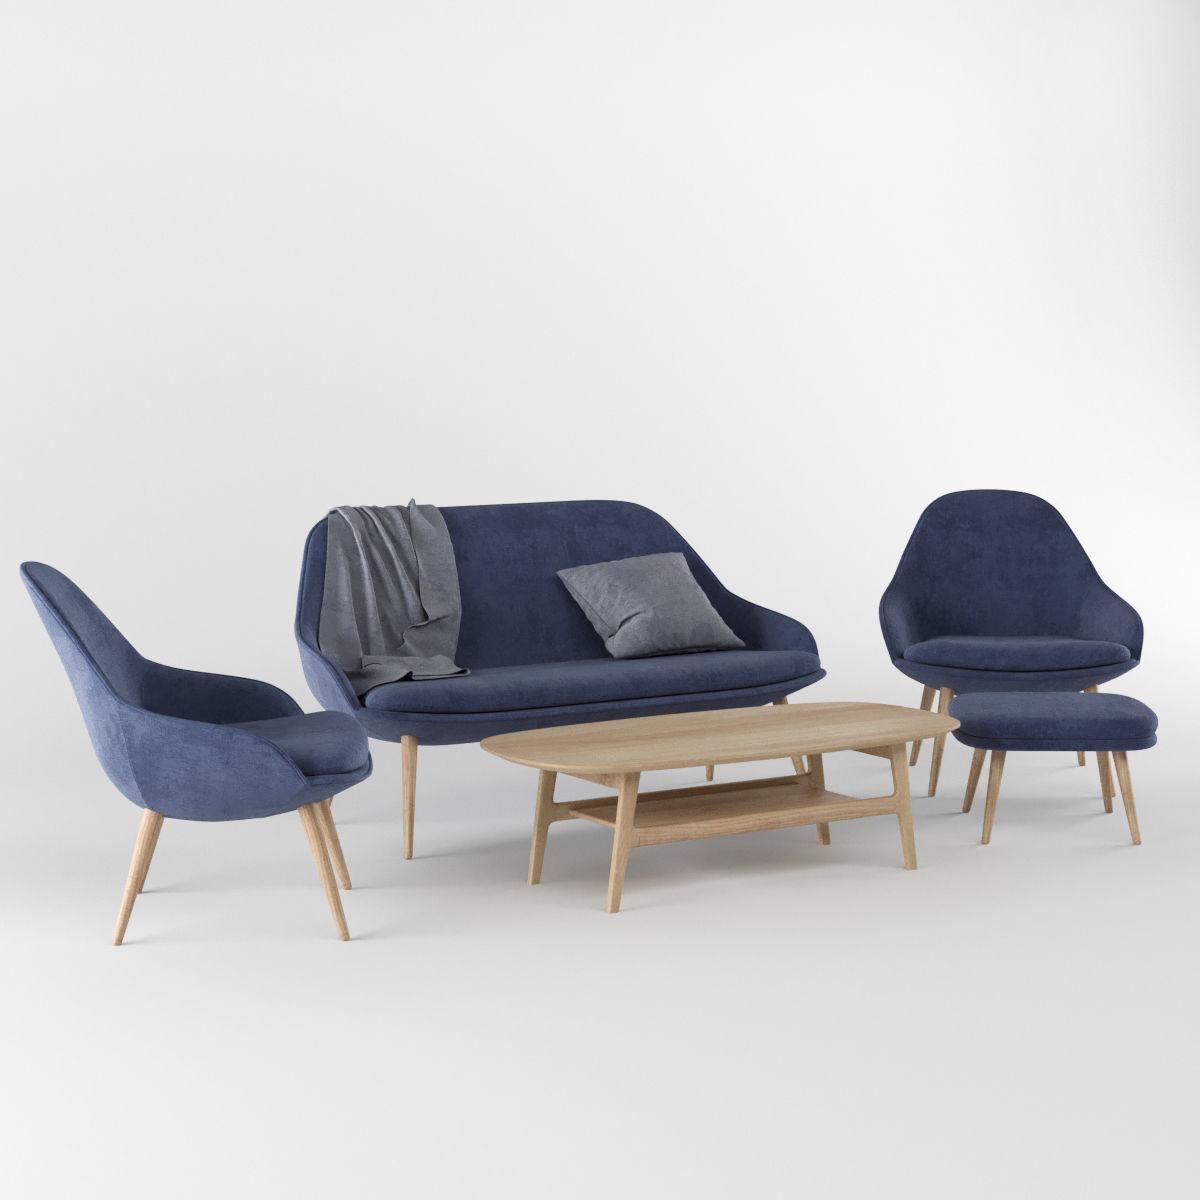 ... Boconcept Adelaide Furniture Collection 3d Model Max Obj Fbx 6 ...